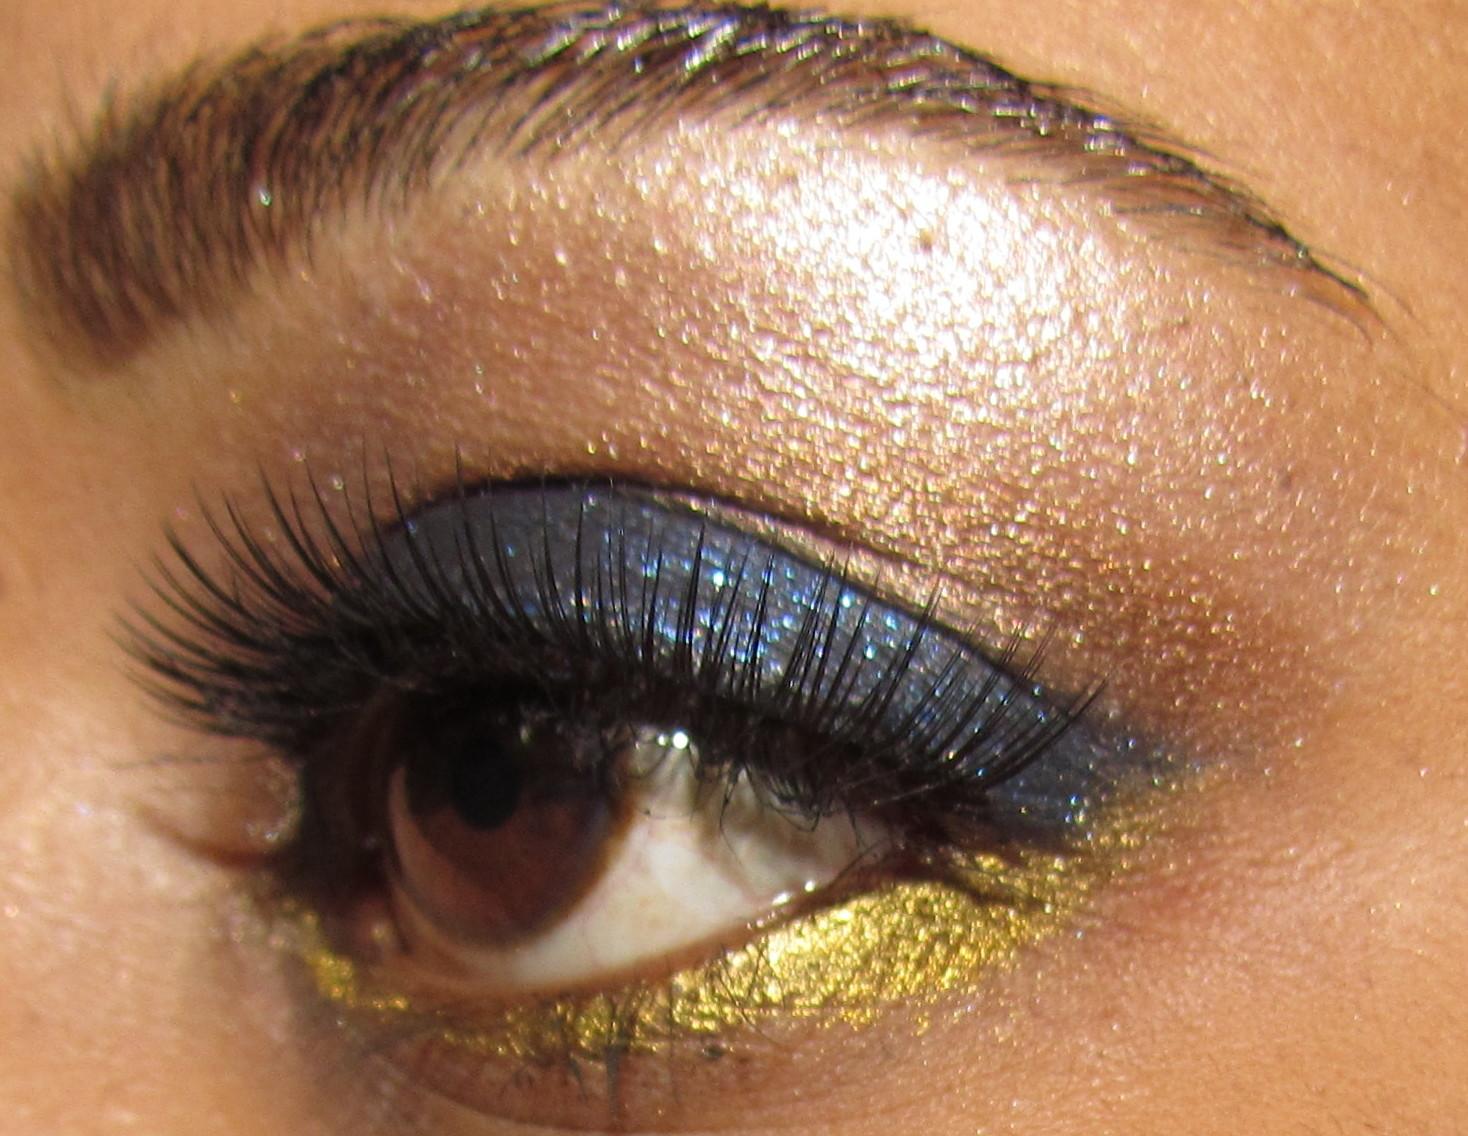 http://2.bp.blogspot.com/-vPqcyoear3o/T57Ol43sYMI/AAAAAAAAFVA/sB0oq6e0FUs/s1600/aishwarya+rai+cannes+eye+makeup+look+5.jpg